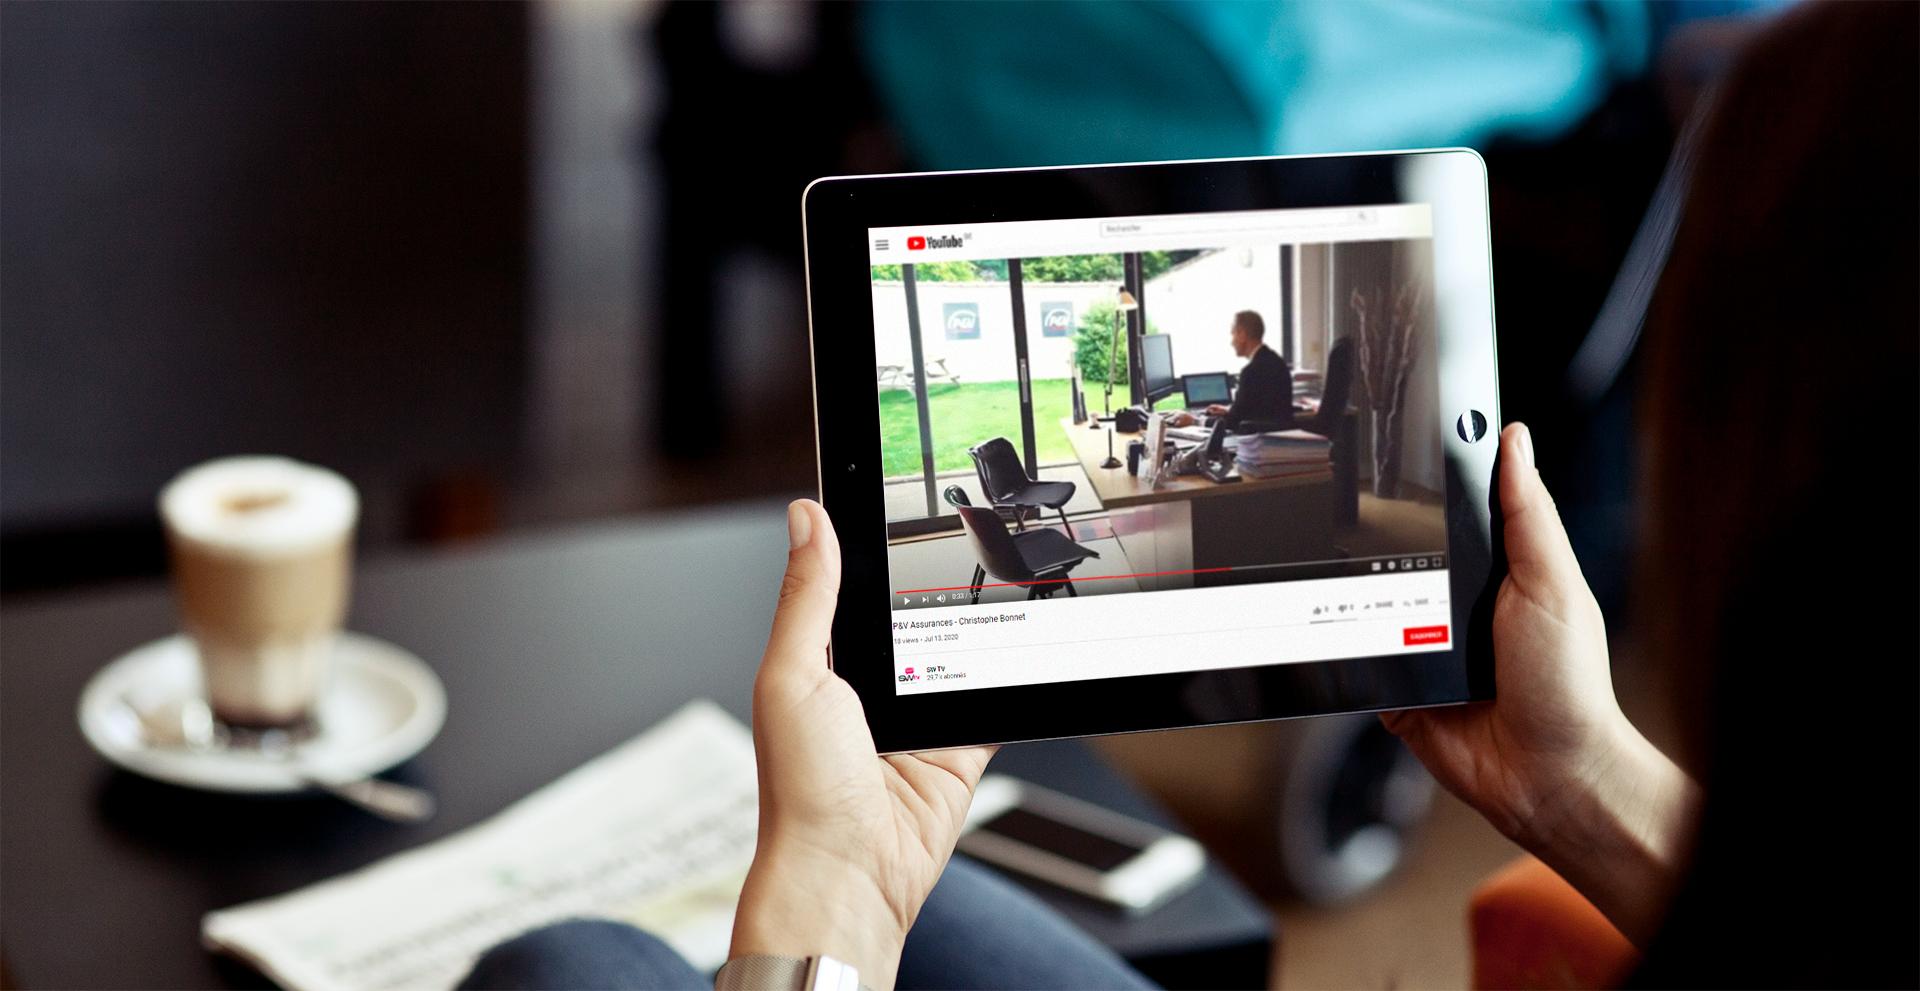 Création vidéo d'entreprise || P&V Assurances Christophe Bonnet